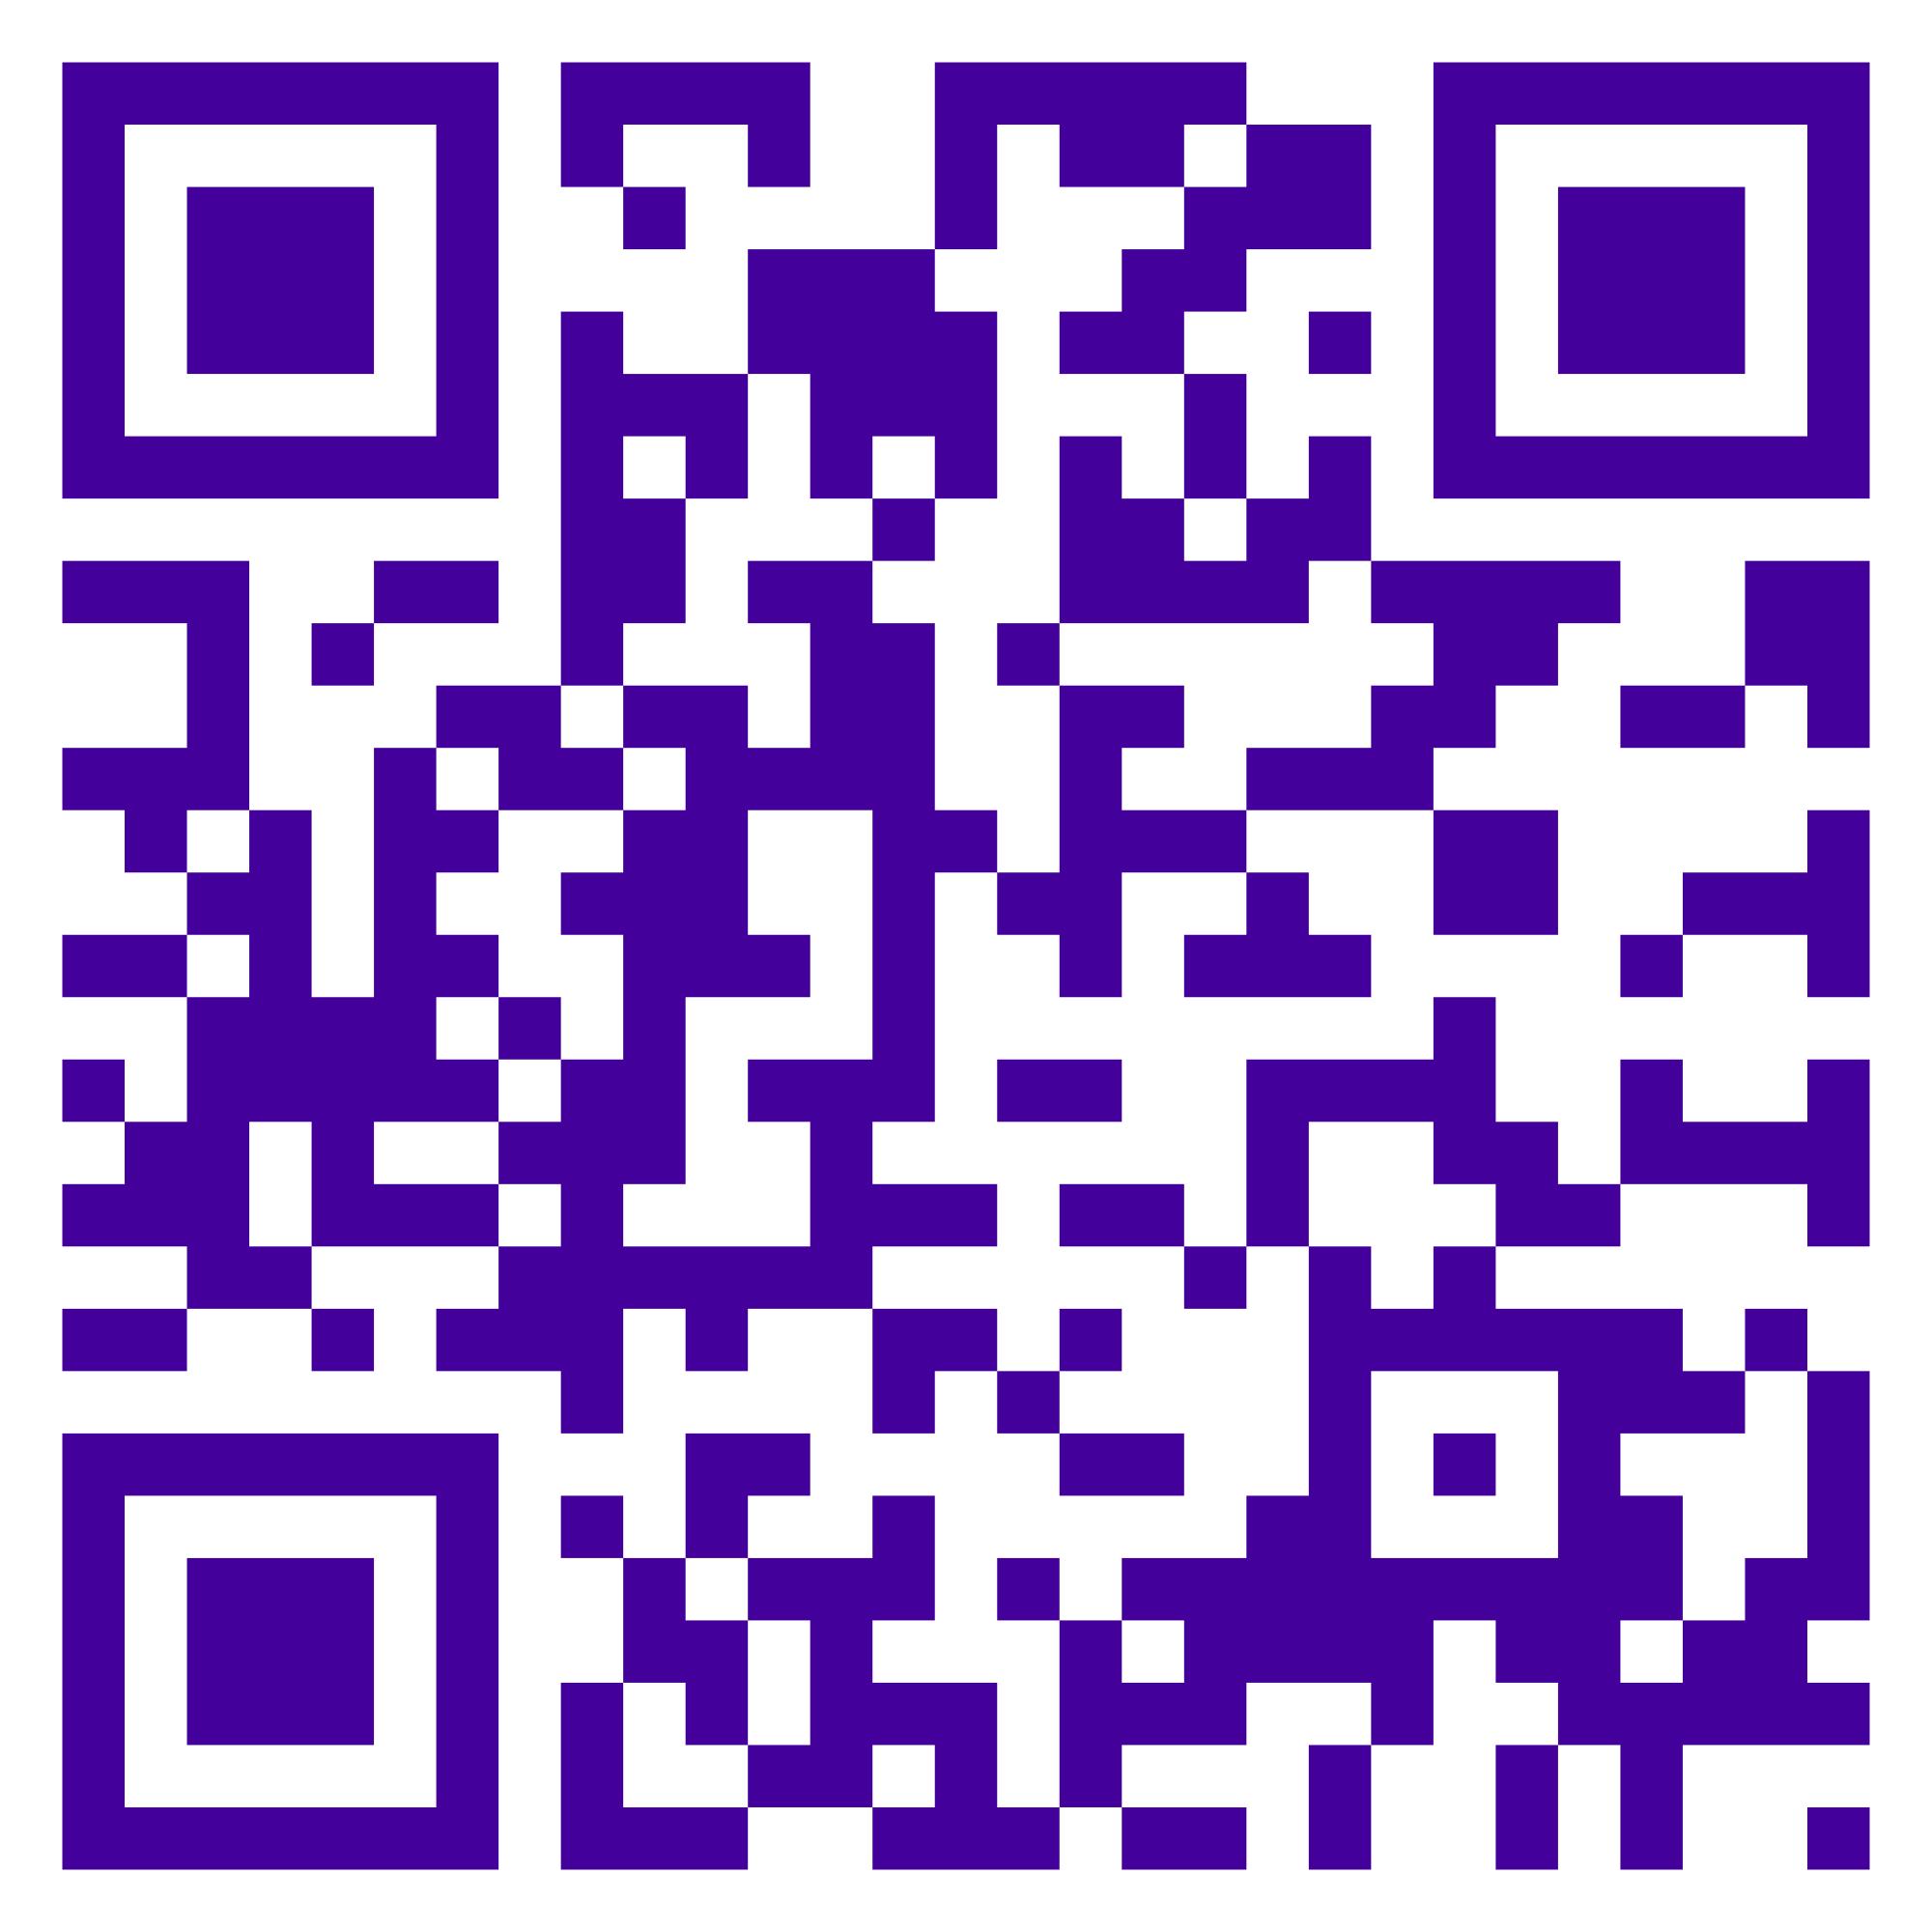 Coupon codes for nintendo eshop